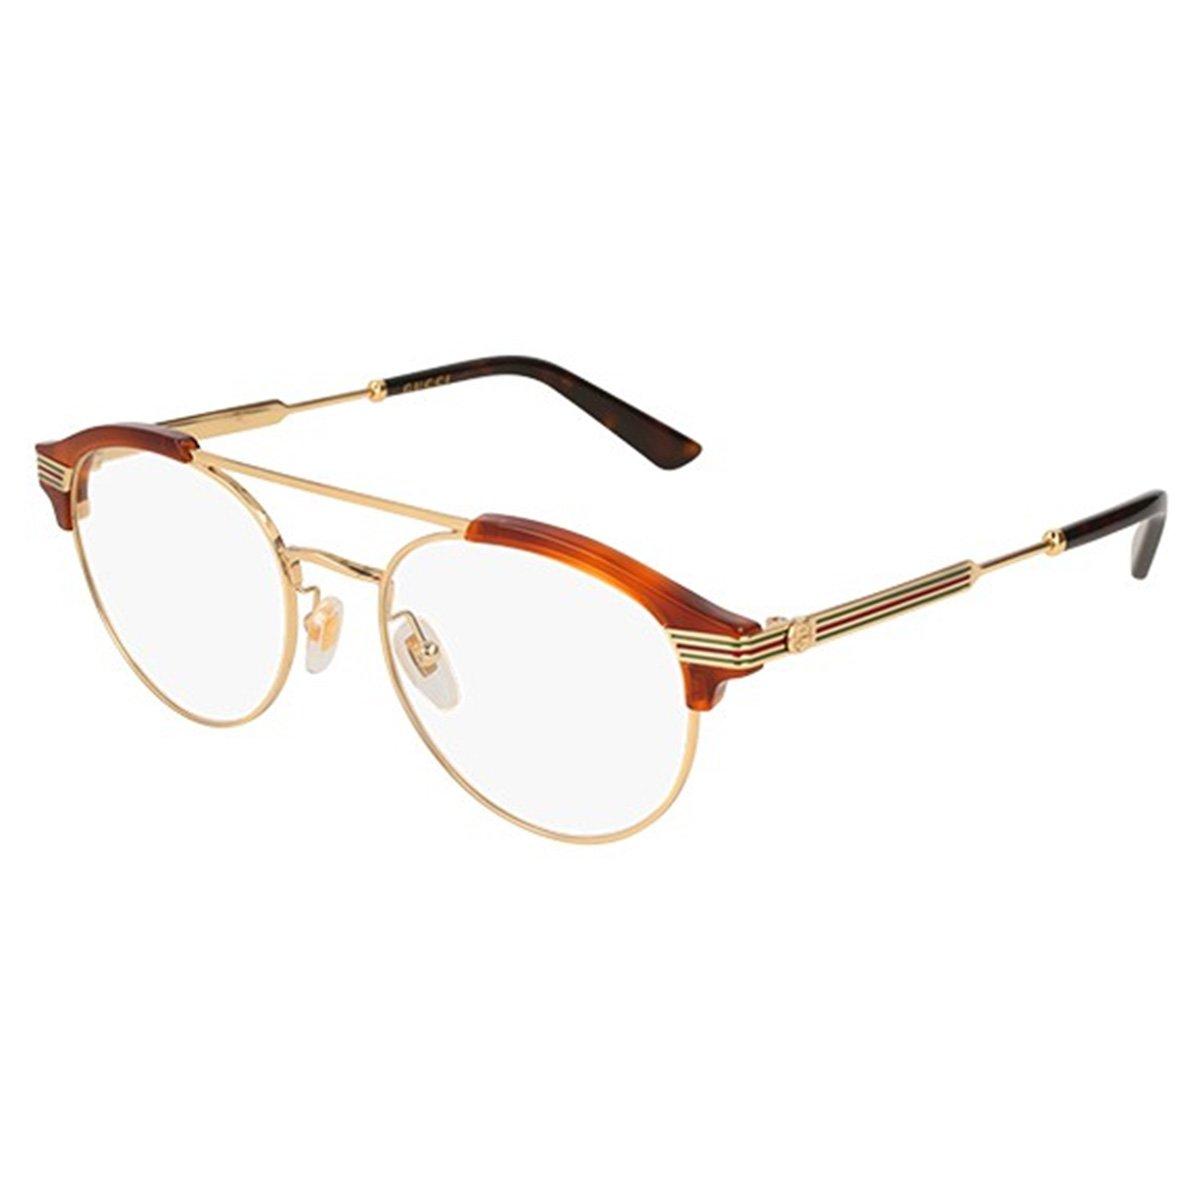 49f9c9a97ab86 Compre Óculos de Grau Gucci em 10X